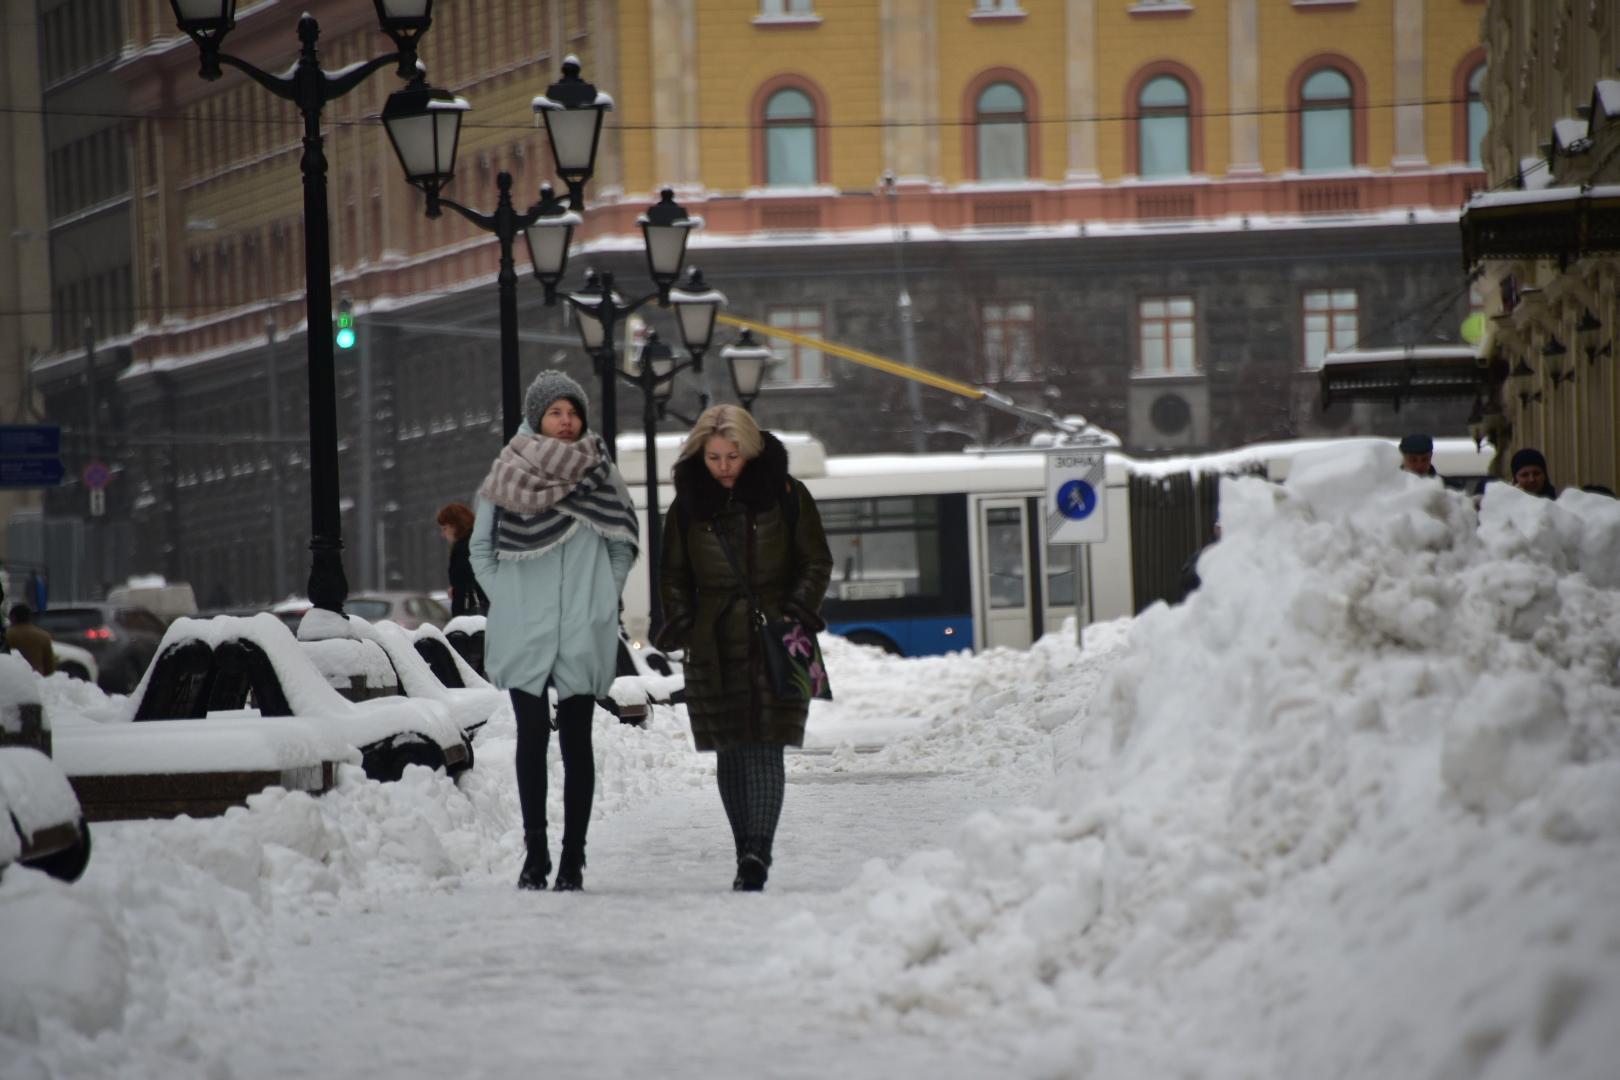 Москвичи выберут, кому поставить памятник на Лубянской площади. Фото: Антон Гердо, «Вечерняя Москва»